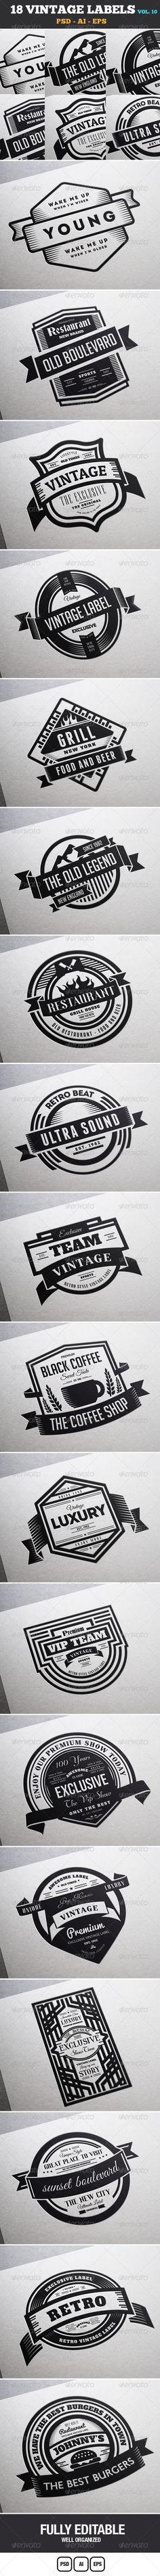 18 Vintage Labels & Badges / Logos / Insignias V10 - Badges & Stickers Web Elements